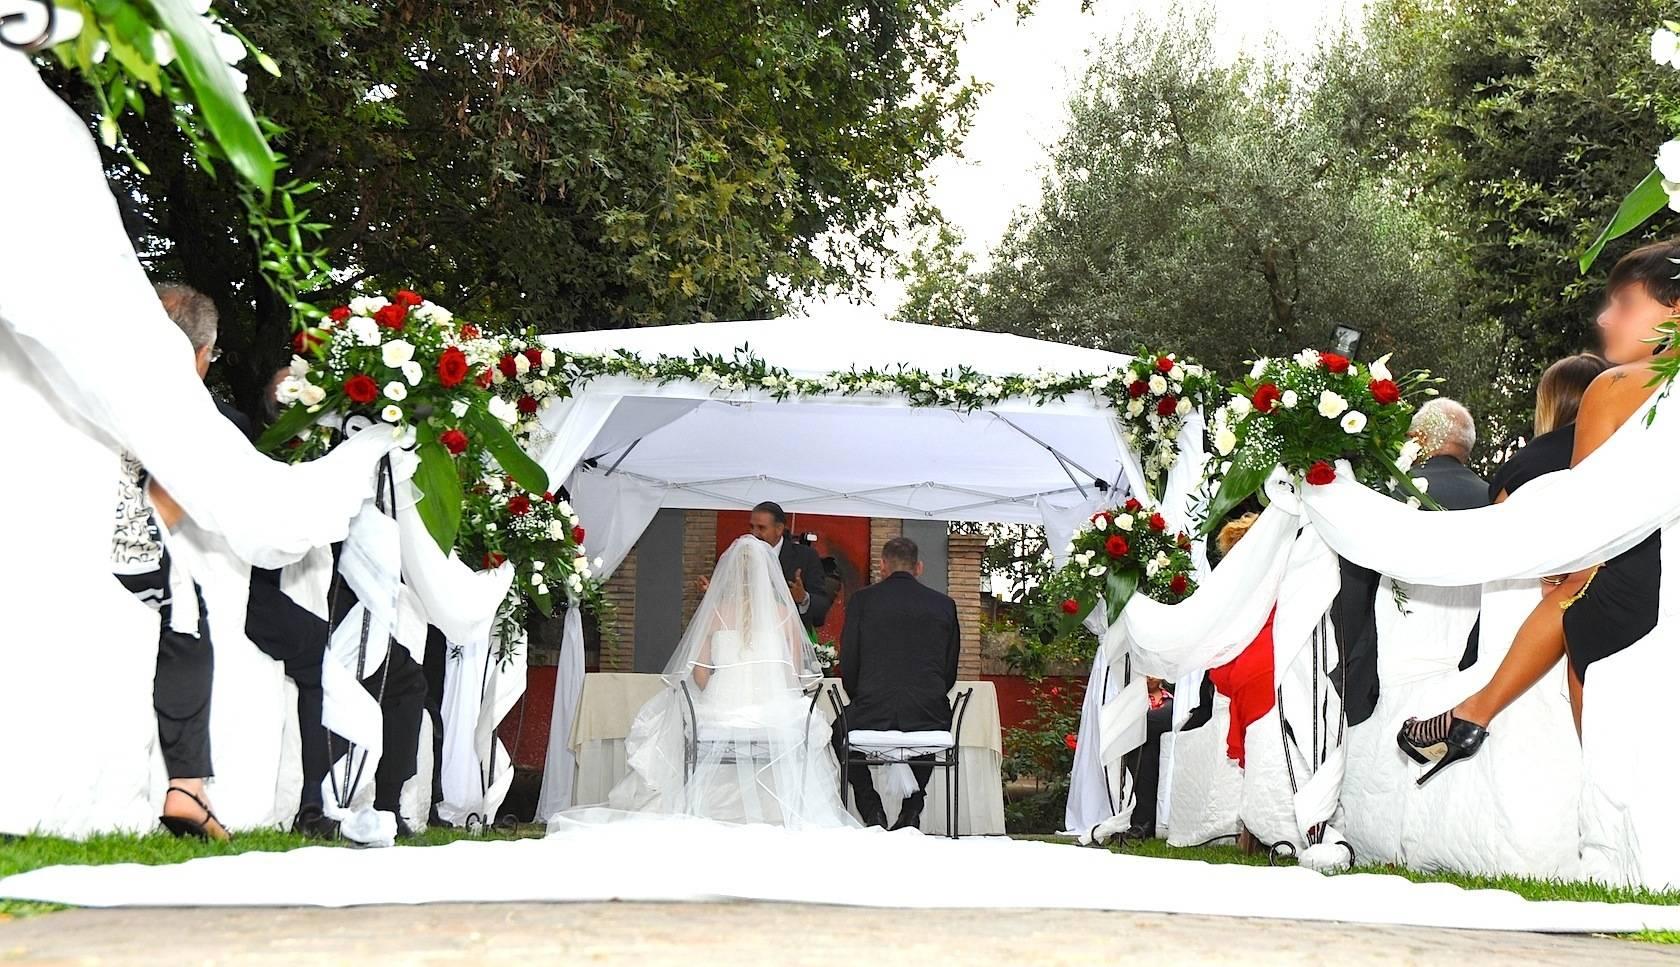 Matrimonio Simbolico All Estero : Matrimonio simbolico perchè scegliere un celebrante professionista